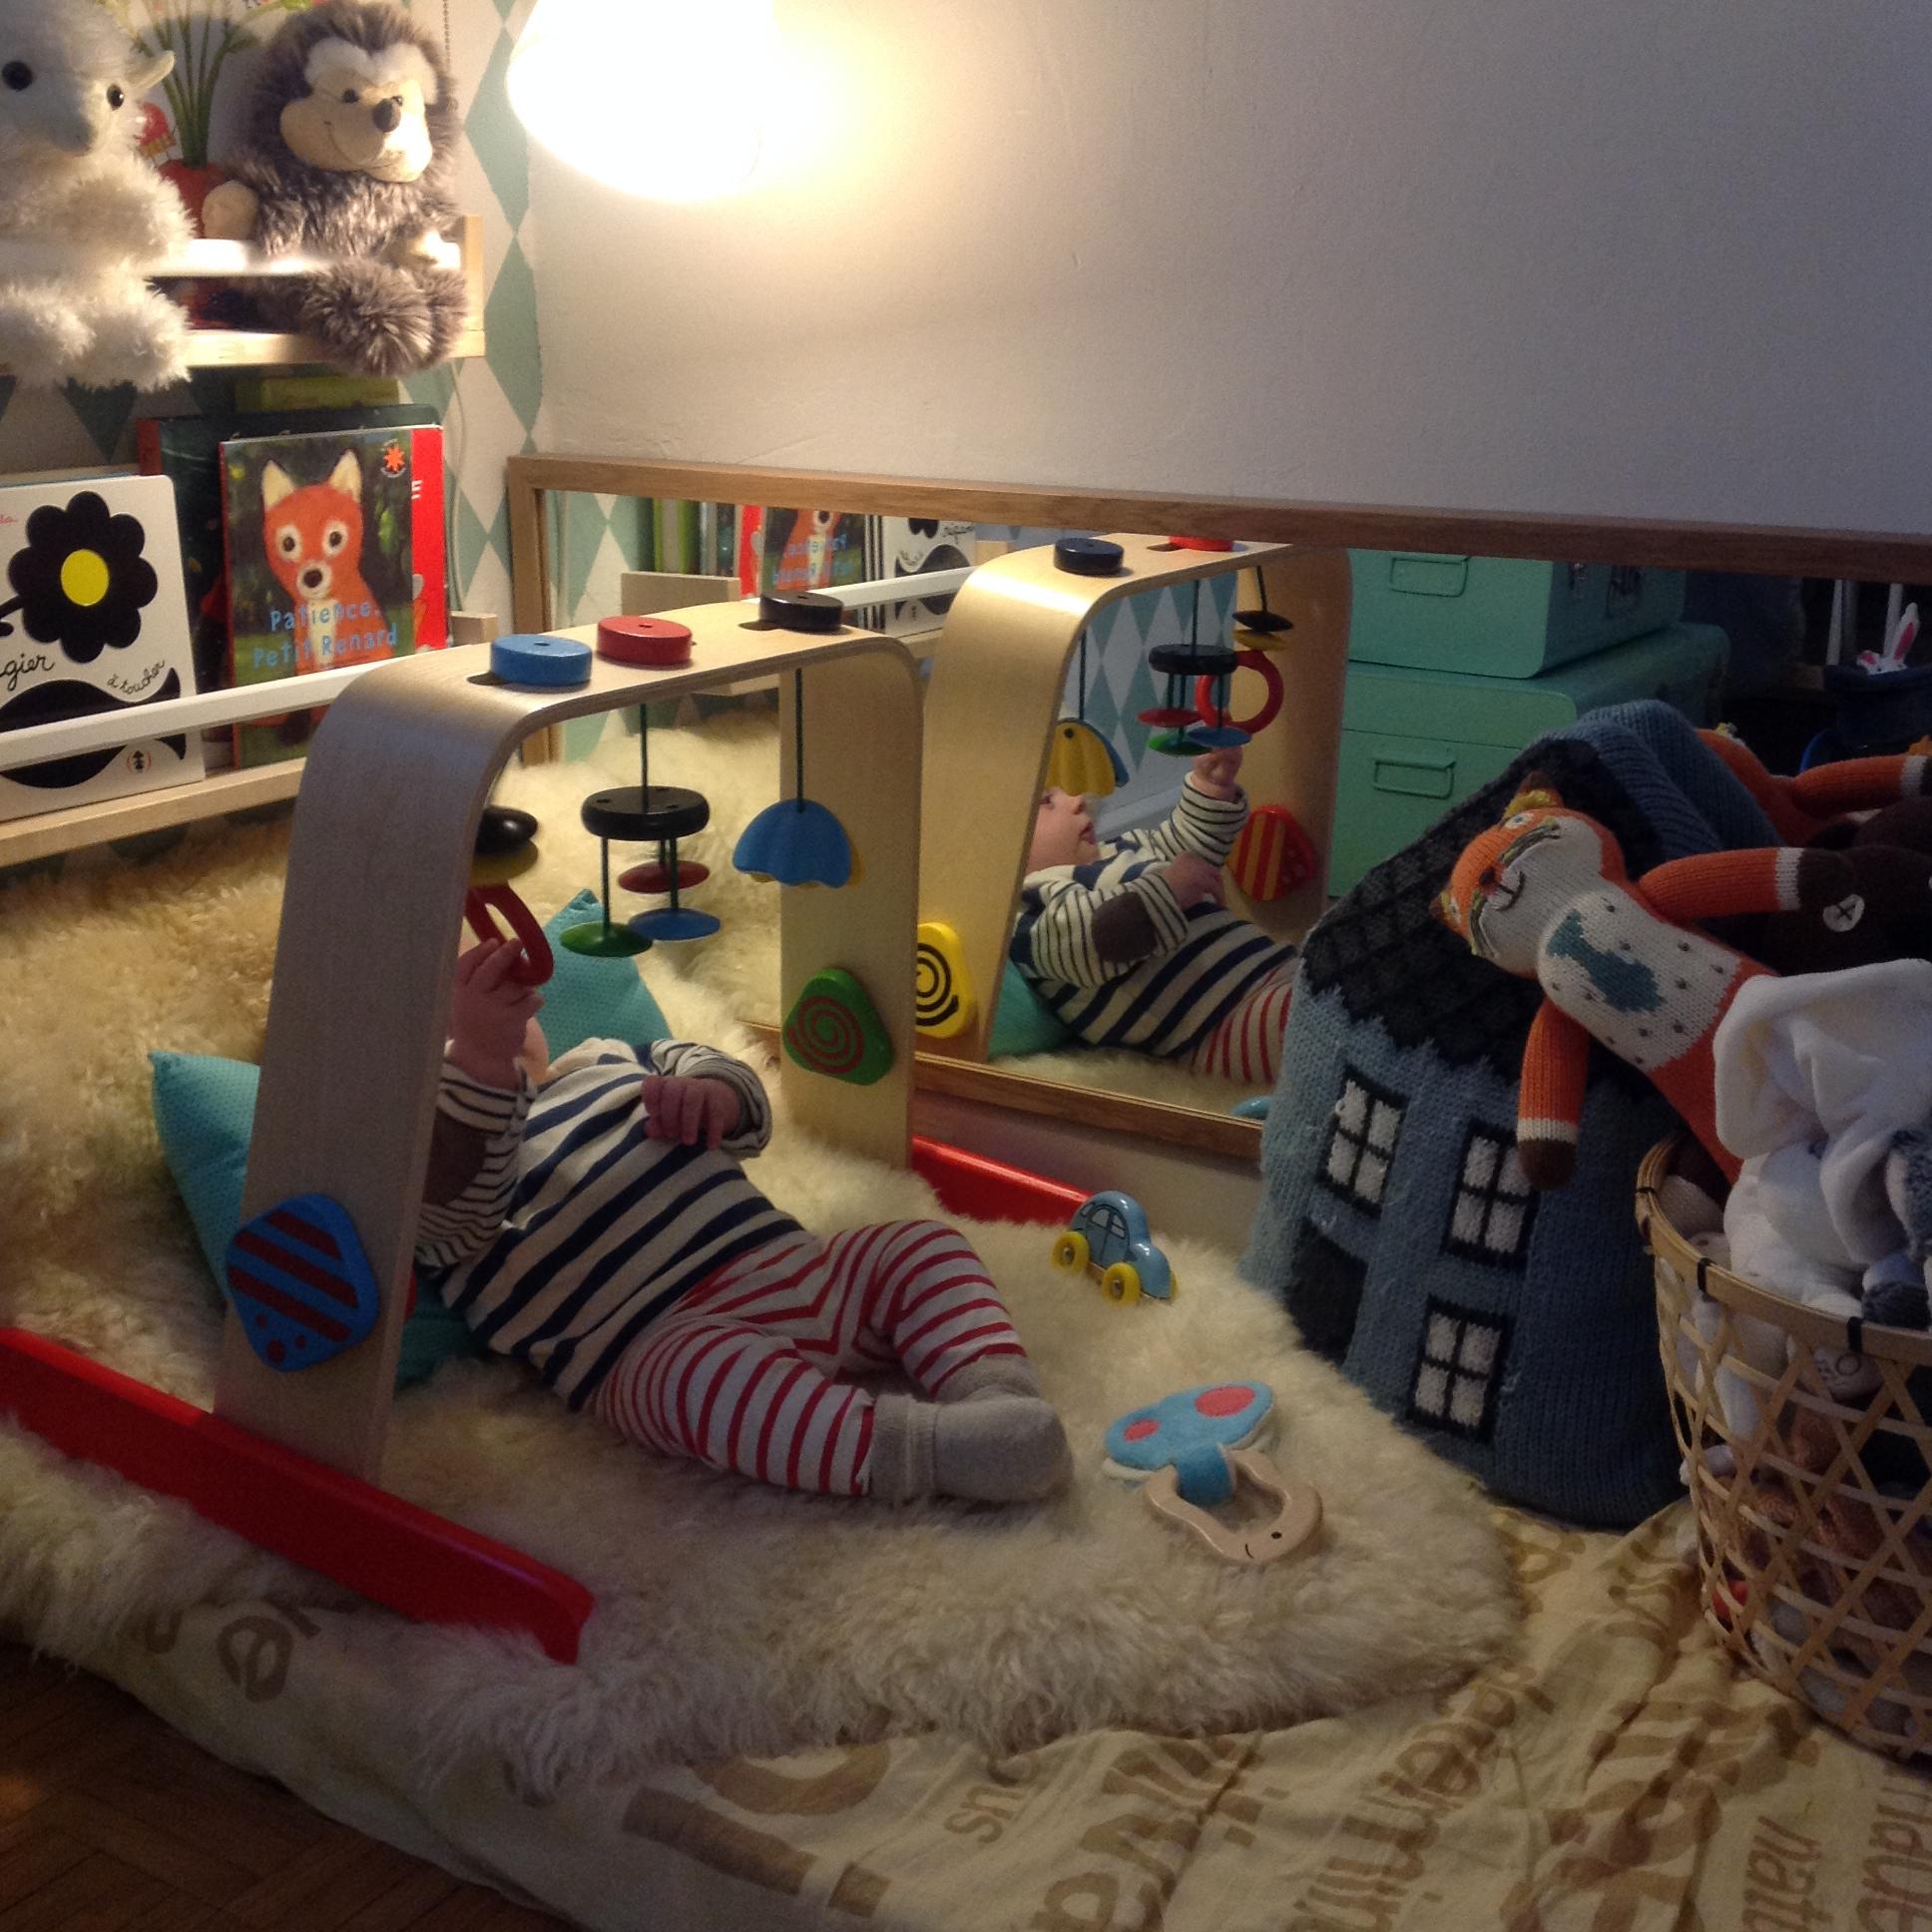 Activite : Des Jouets Pour Tout-Petits De 1 À 3 Mois intérieur Jeux D Eveil Bébé 2 Mois